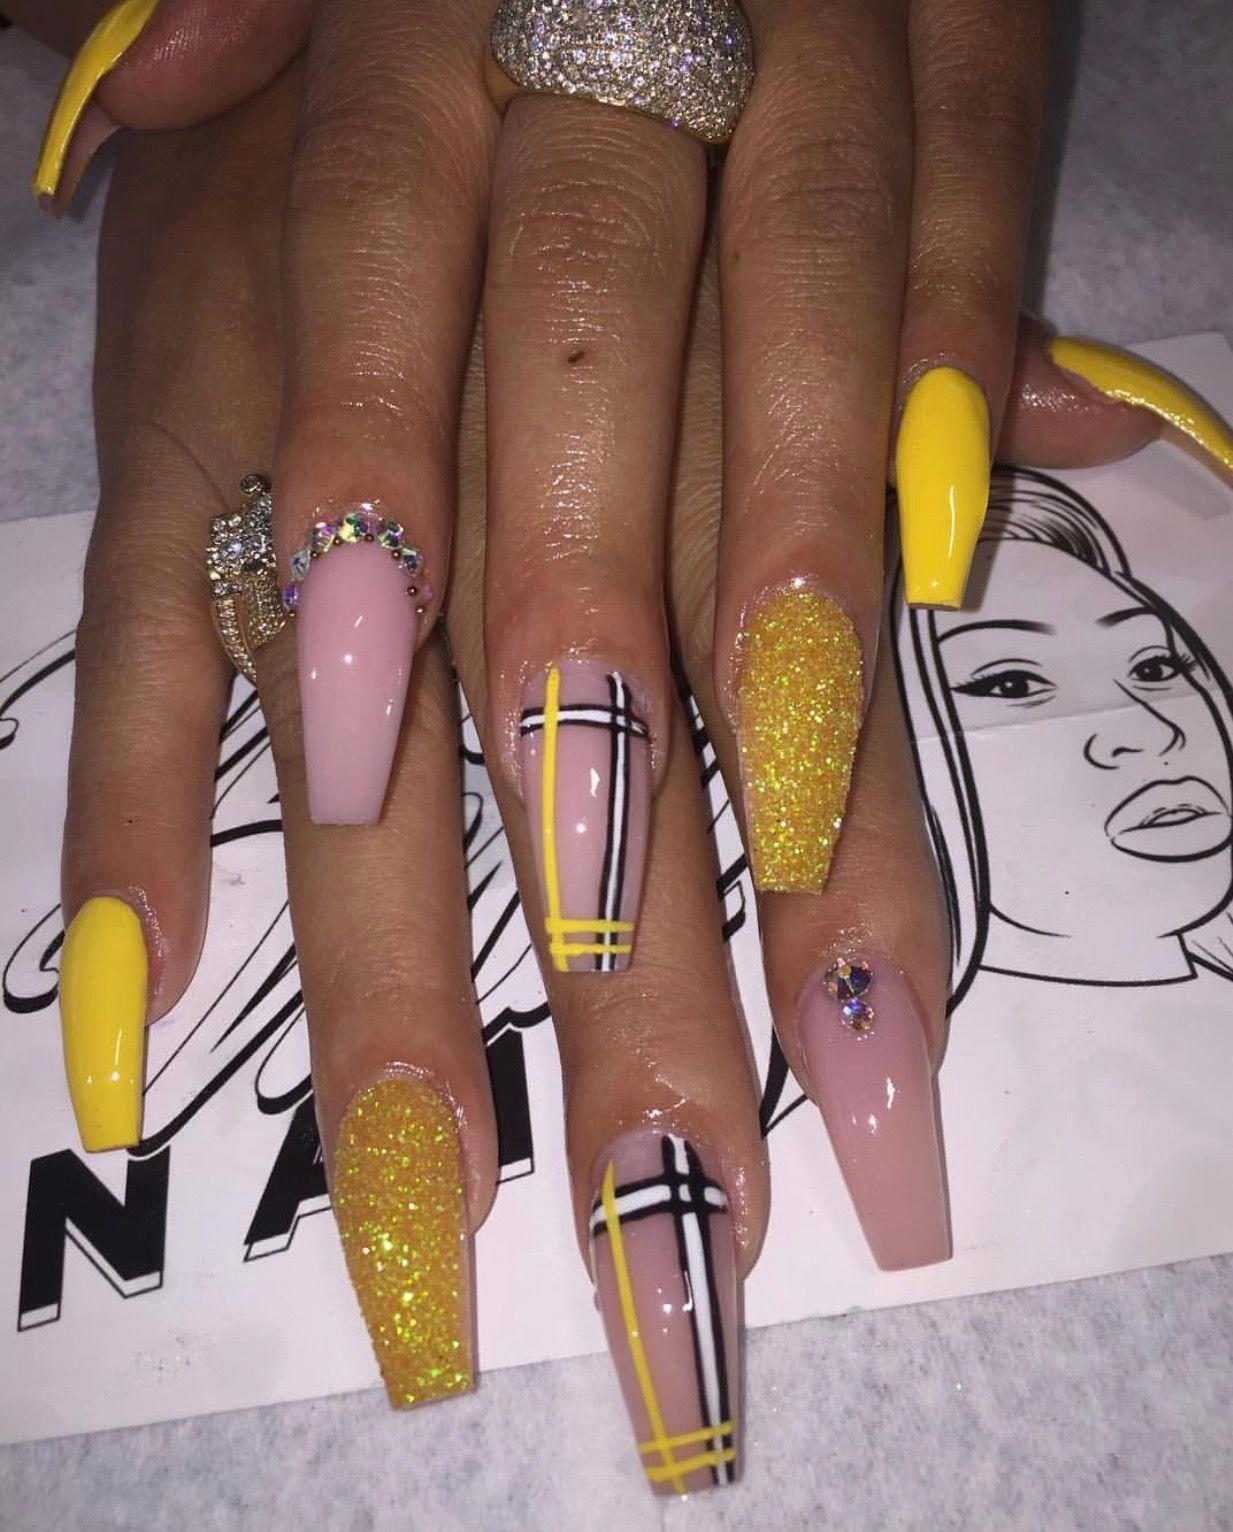 Unique Nail Shapes Nailart Nailshapesballerina Glam Nails Pretty Acrylic Nails Cute Acrylic Nails